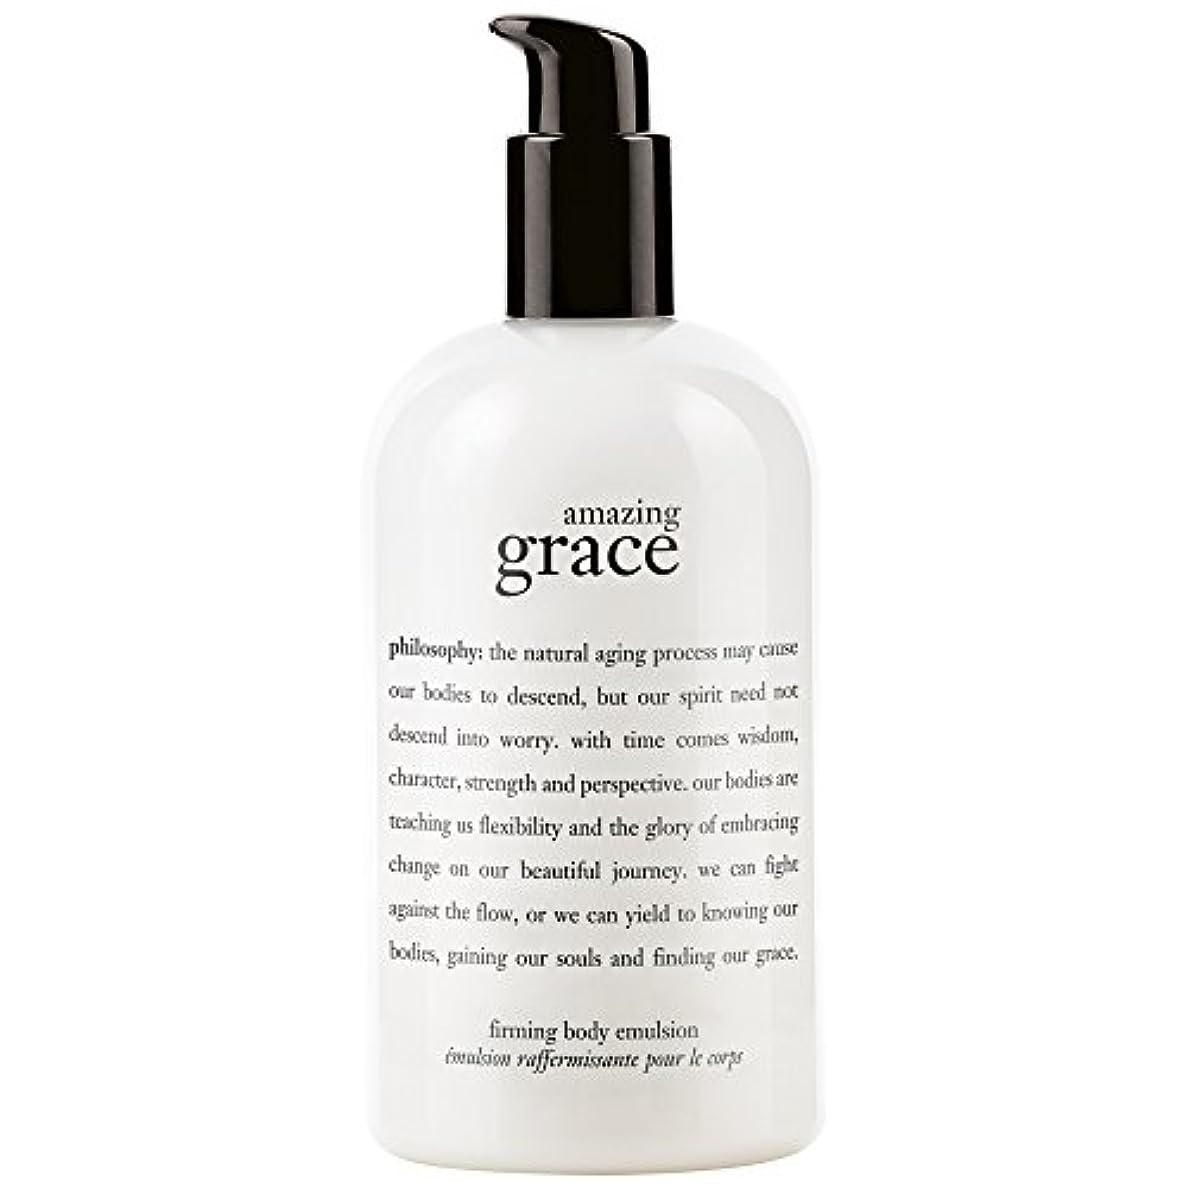 それから鋼記述する哲学驚くべき恵み引き締めボディエマルジョン480ミリリットル (Philosophy) (x6) - Philosophy Amazing Grace Firming Body Emulsion 480ml (Pack...